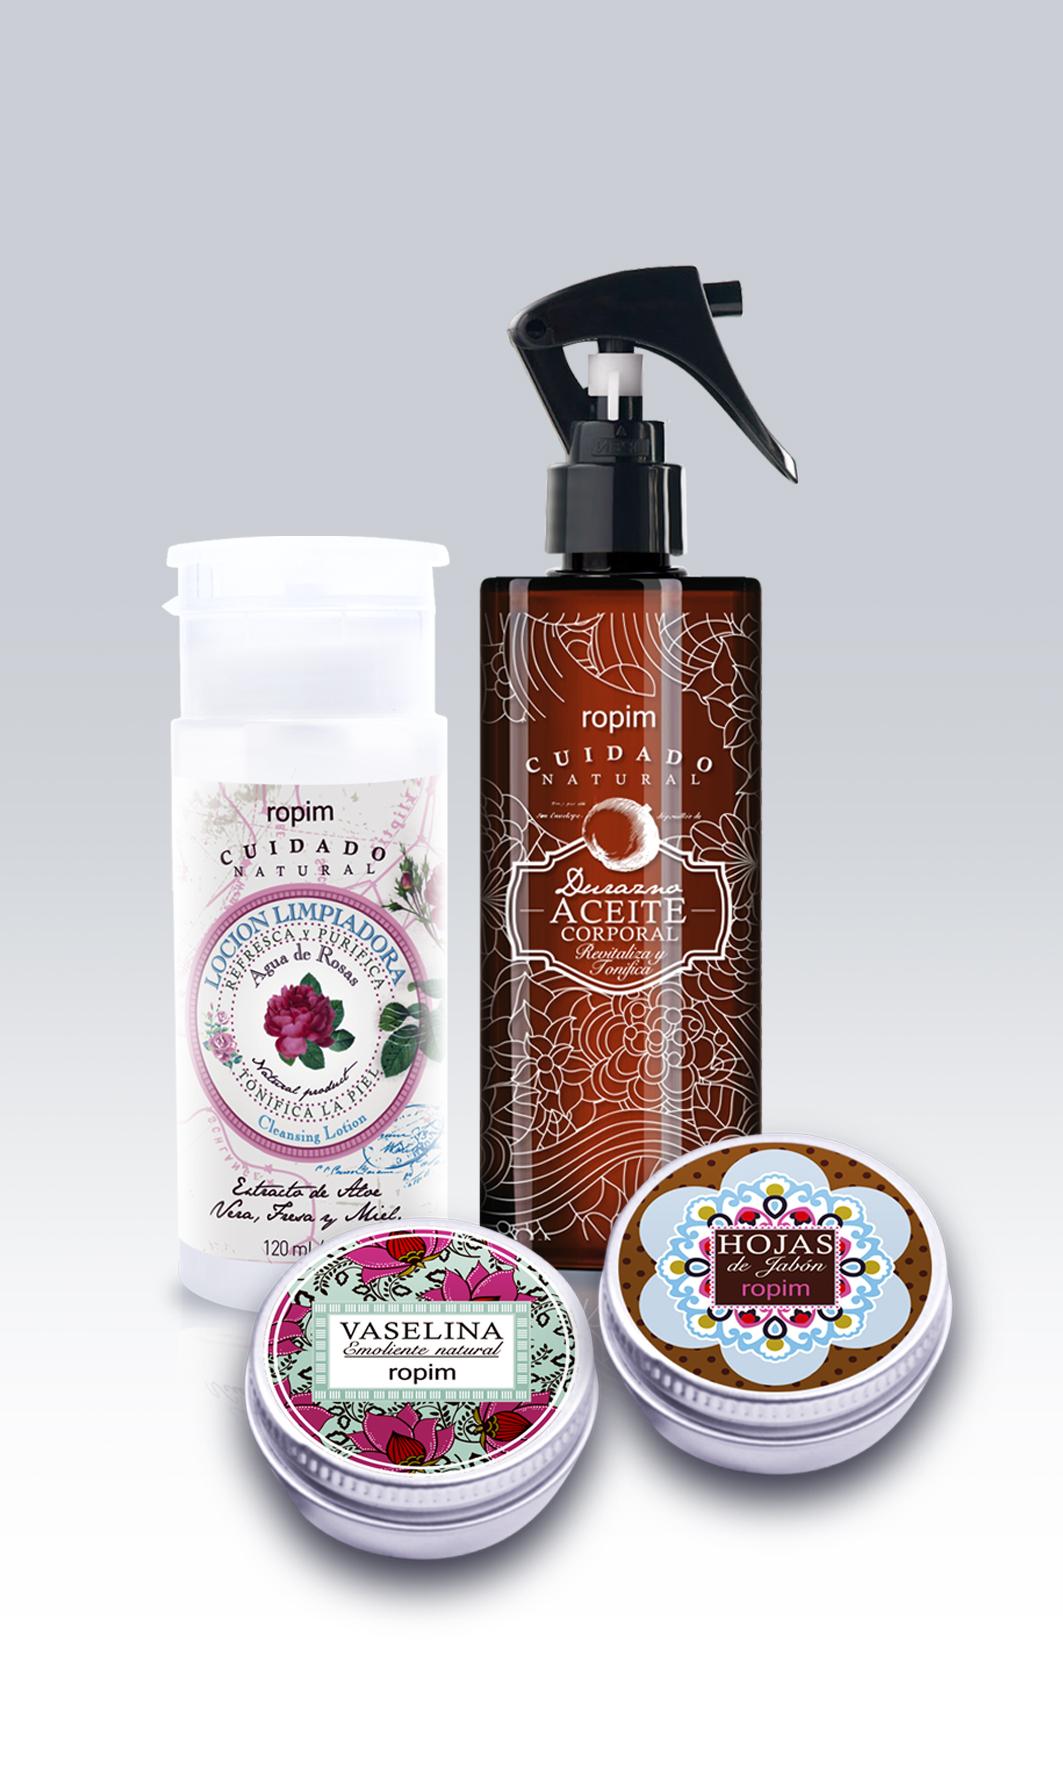 Oferta consiéntete: Hojas de jabón, Vaselina, Aceite de durazno y Agua de rosas.